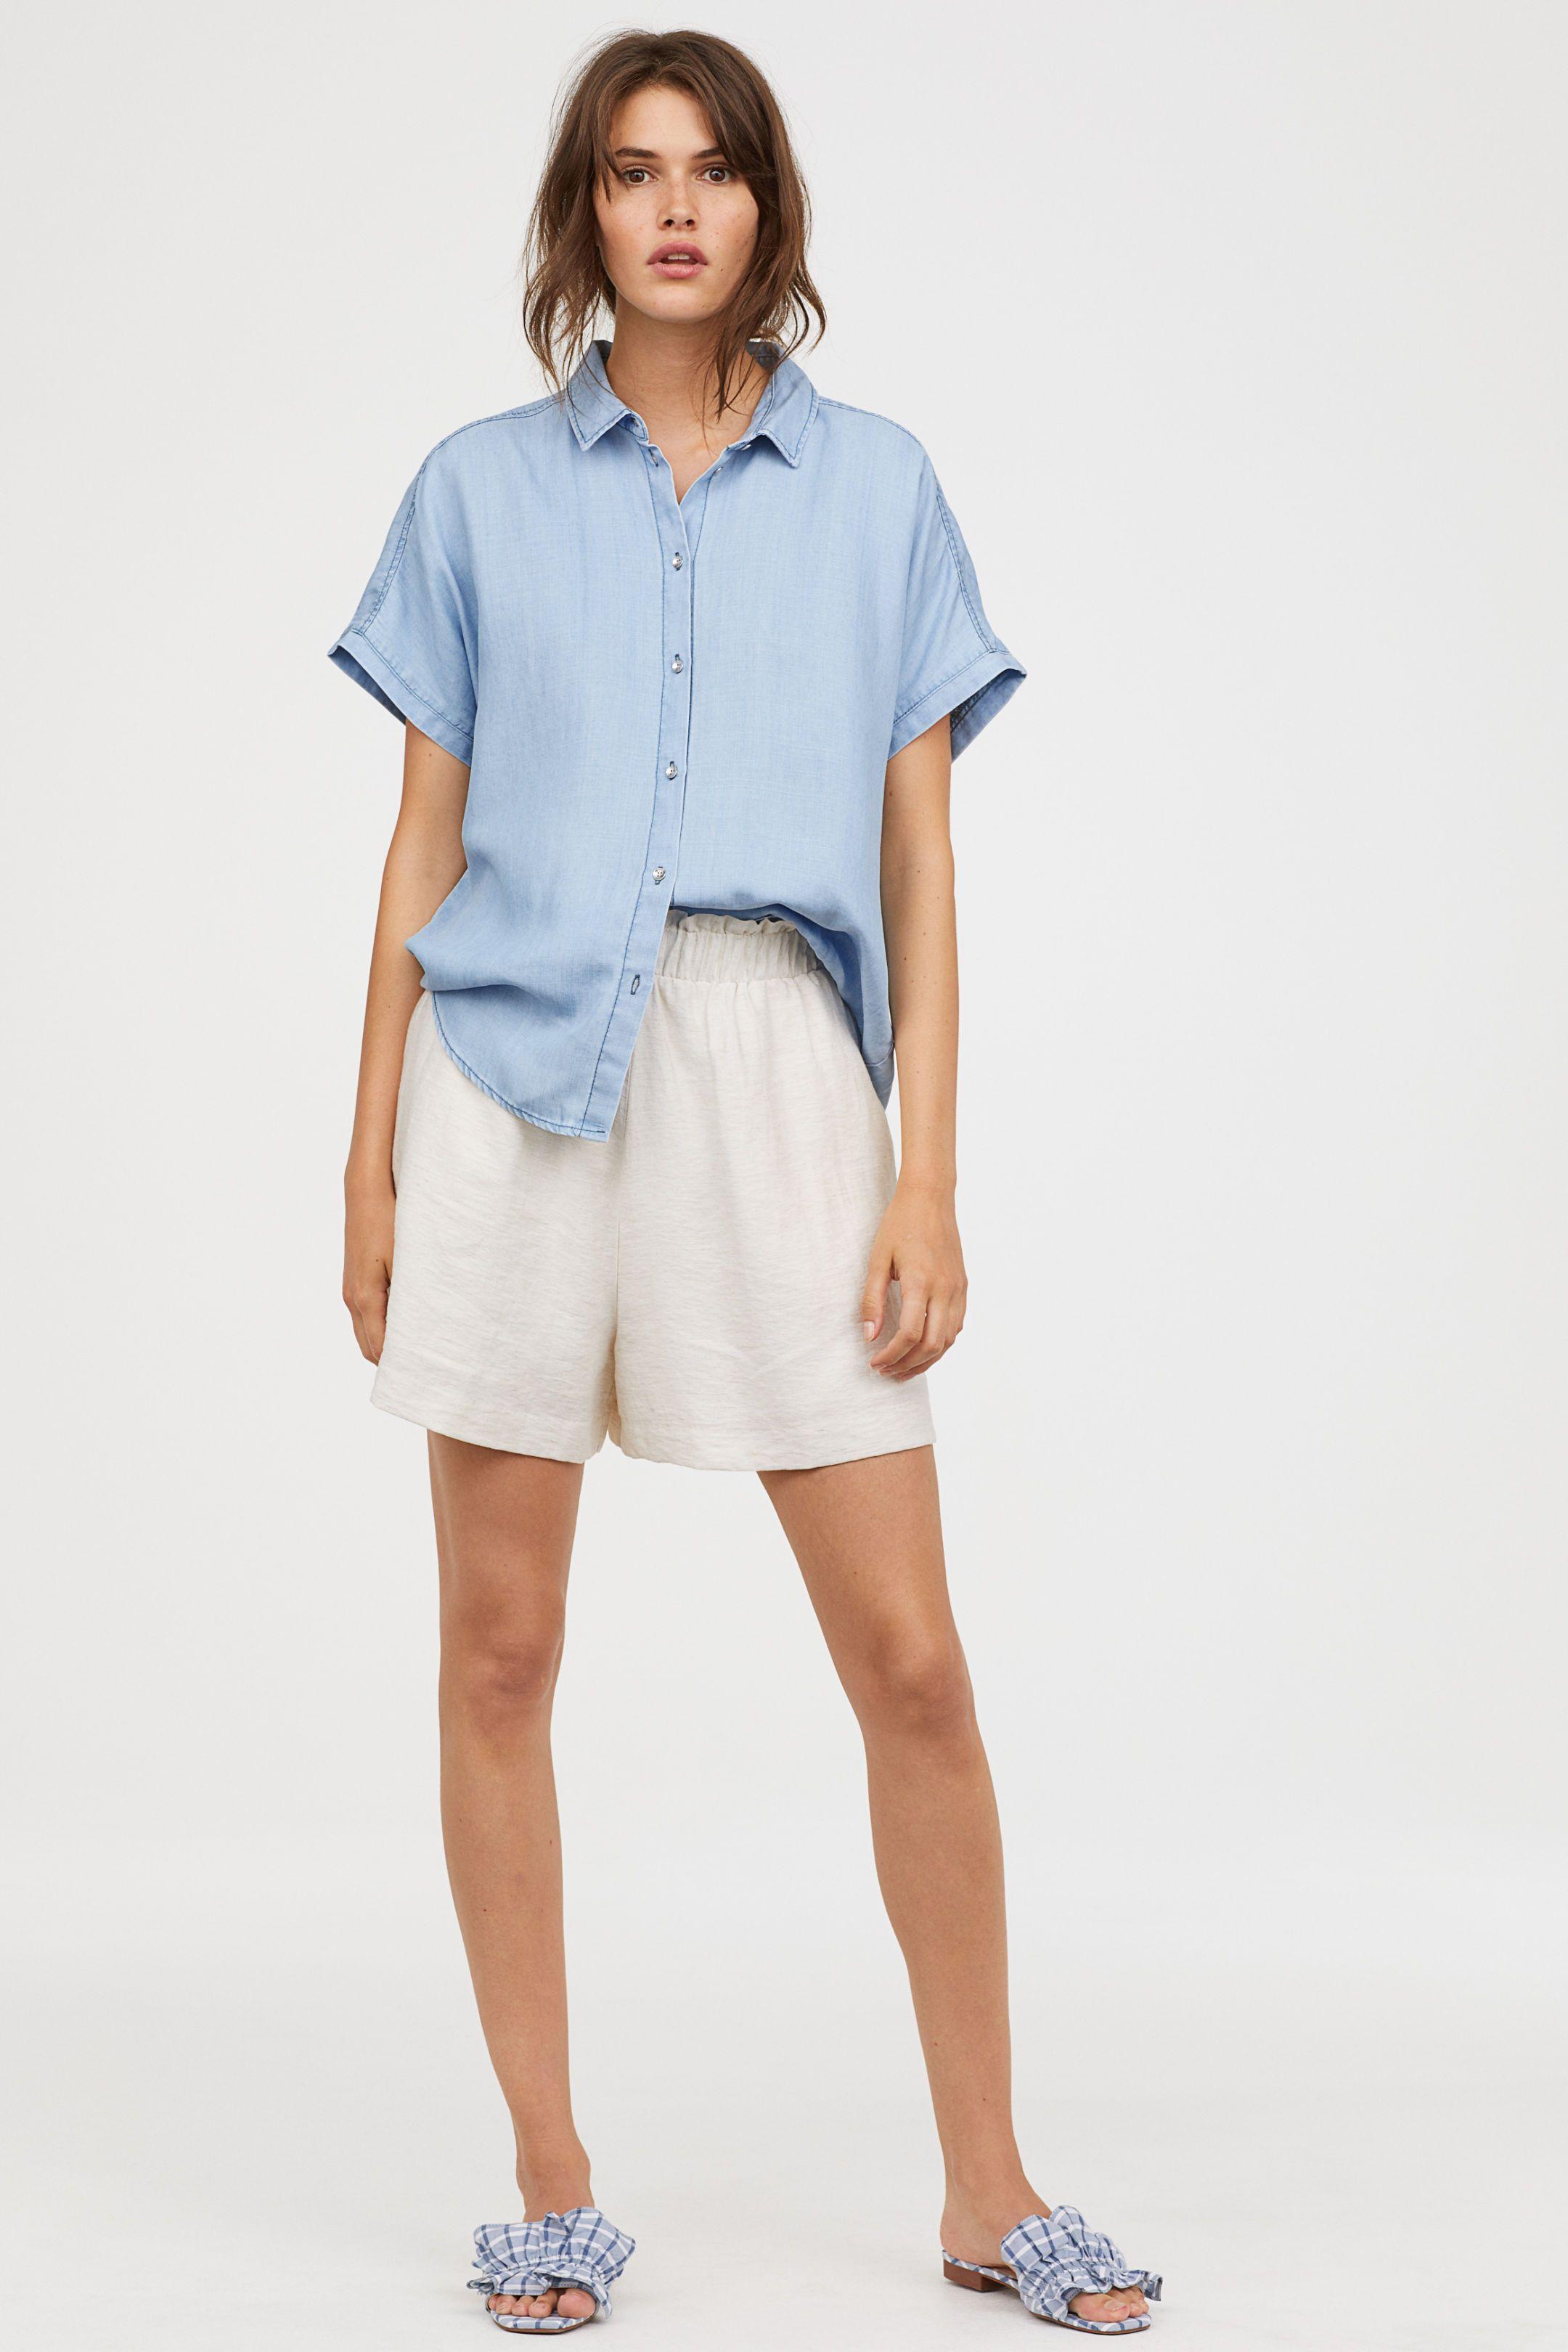 f15896c19761 Lyocell Denim Shirt   Want   Denim shirt, Shirt blouses, Light denim